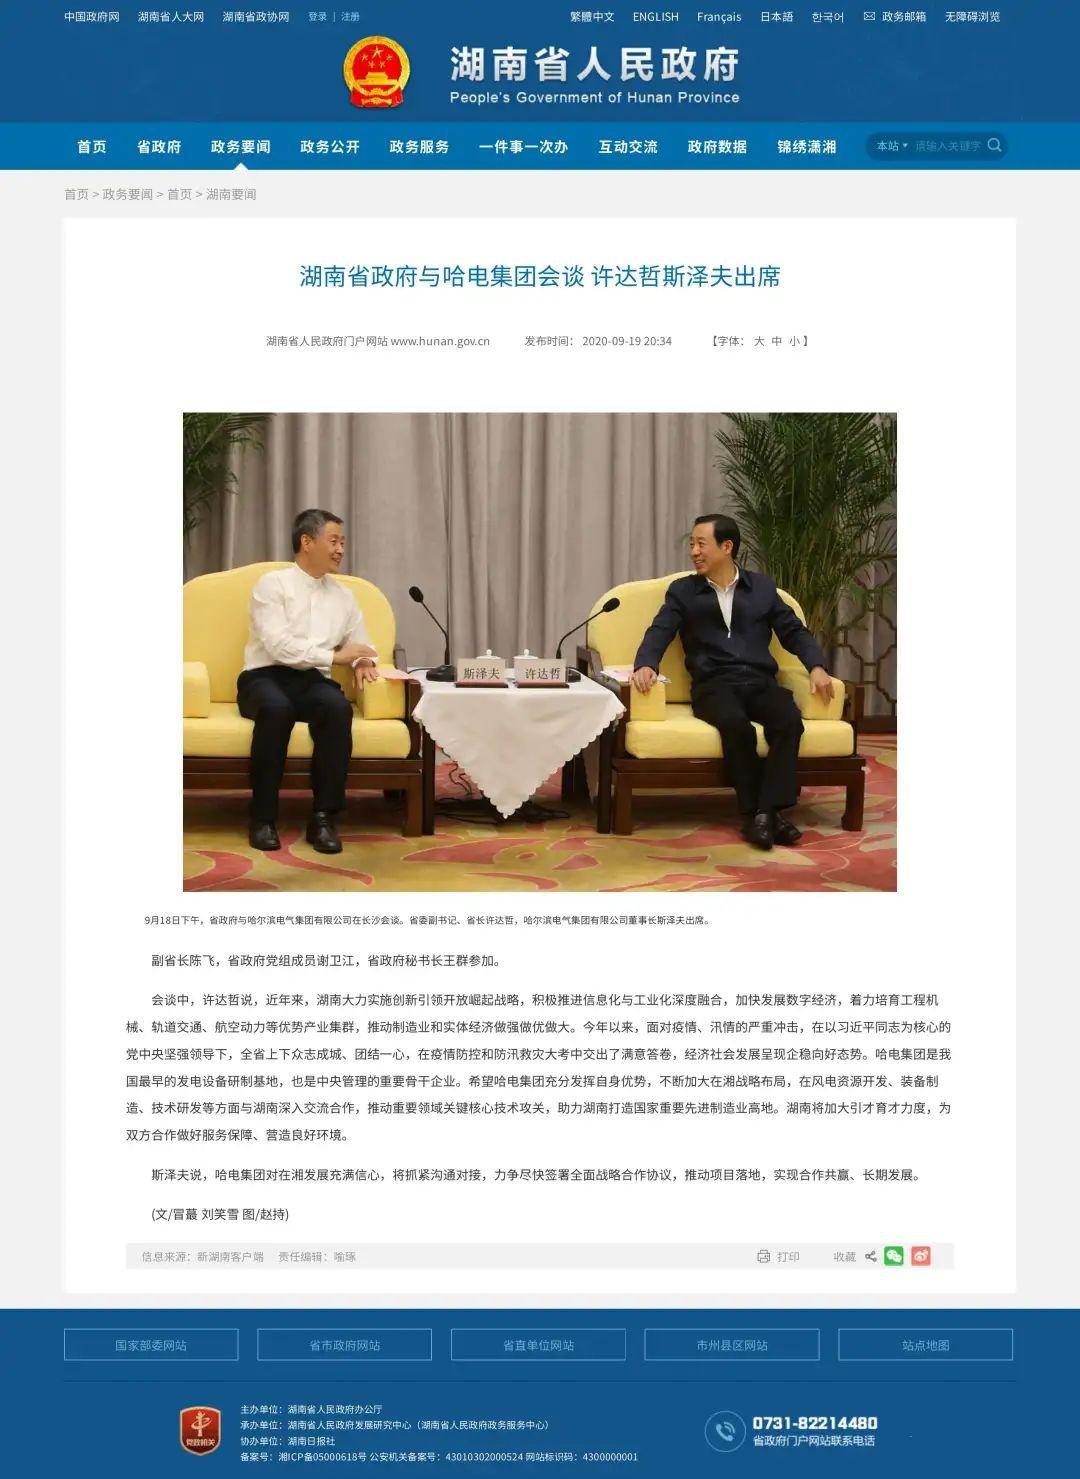 政企旋转门再开:哈电集团副总经理谢卫江南下湖南政府履新